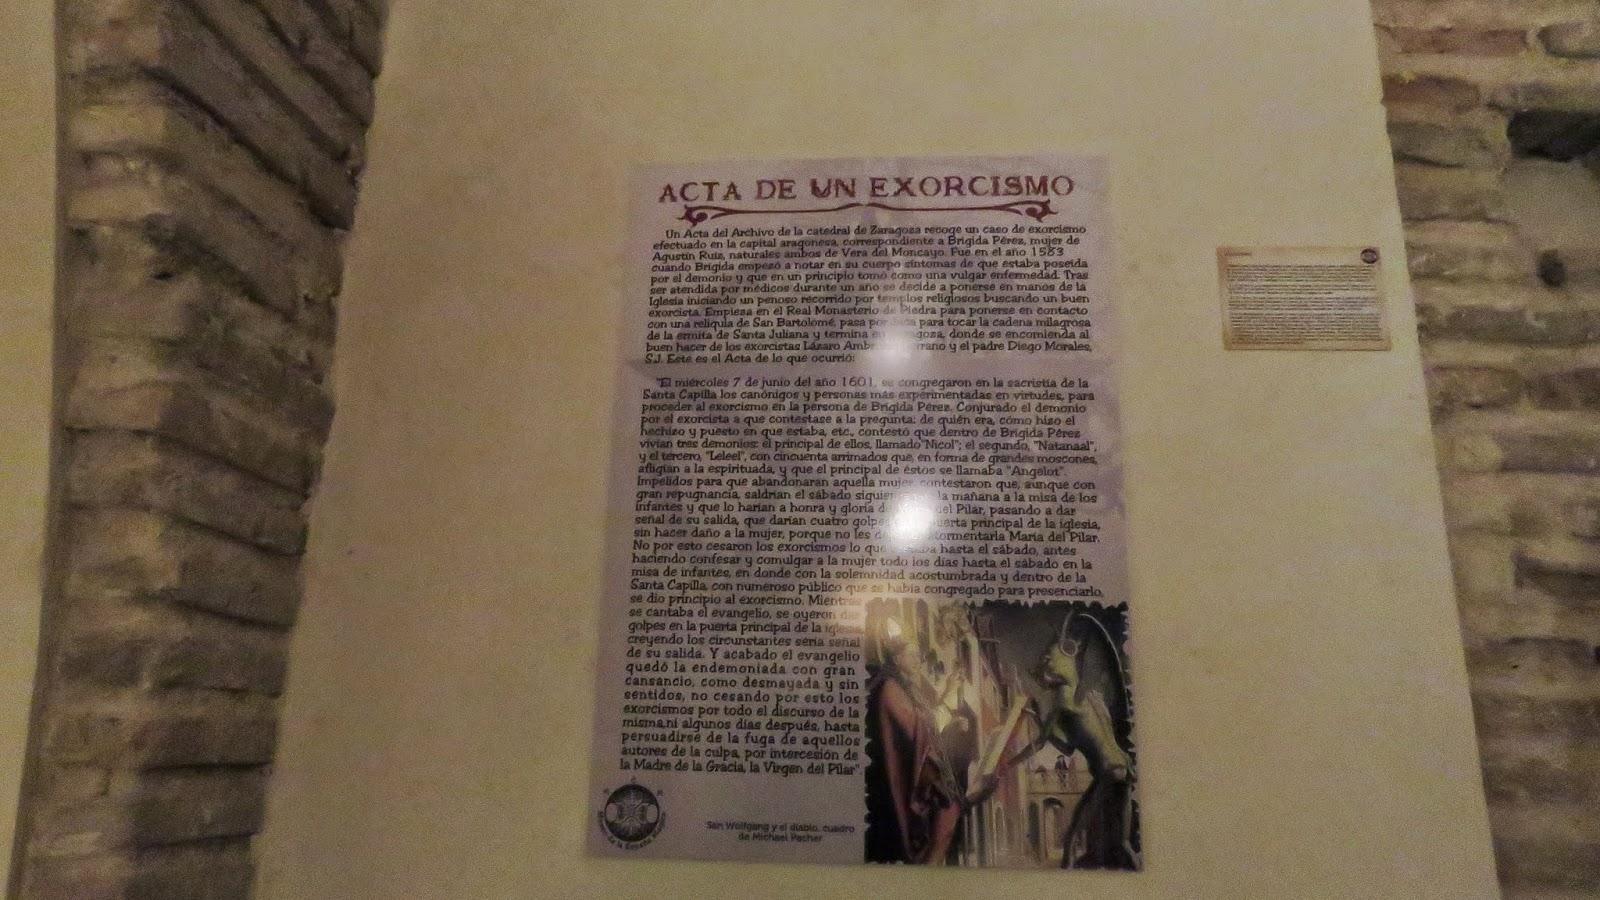 Visitando el museo de la espa a m gica de toledo for Cuarto milenio 467